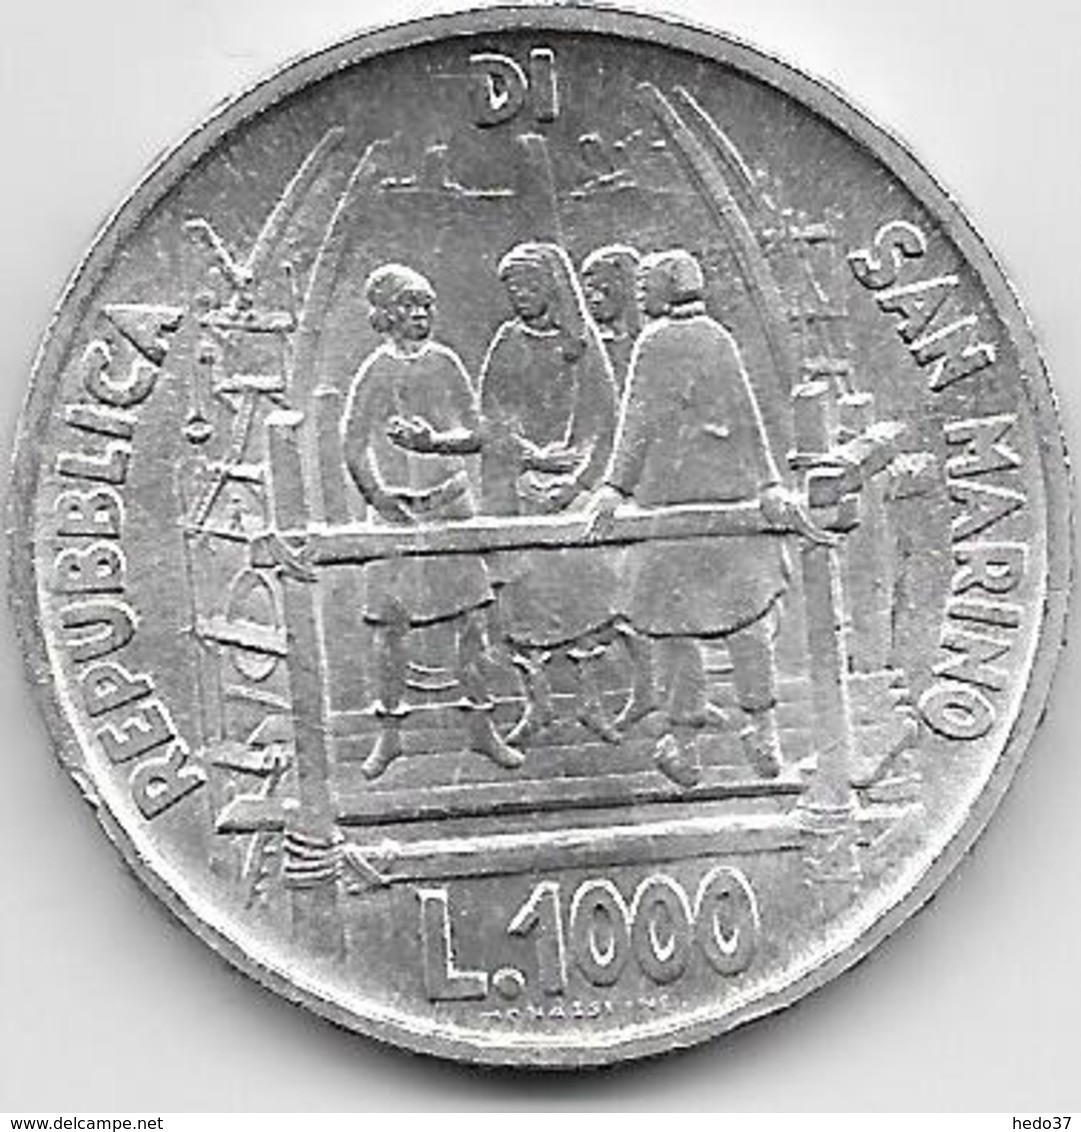 Saint Marin - 1000 Lire - 1977 - Argent - San Marino